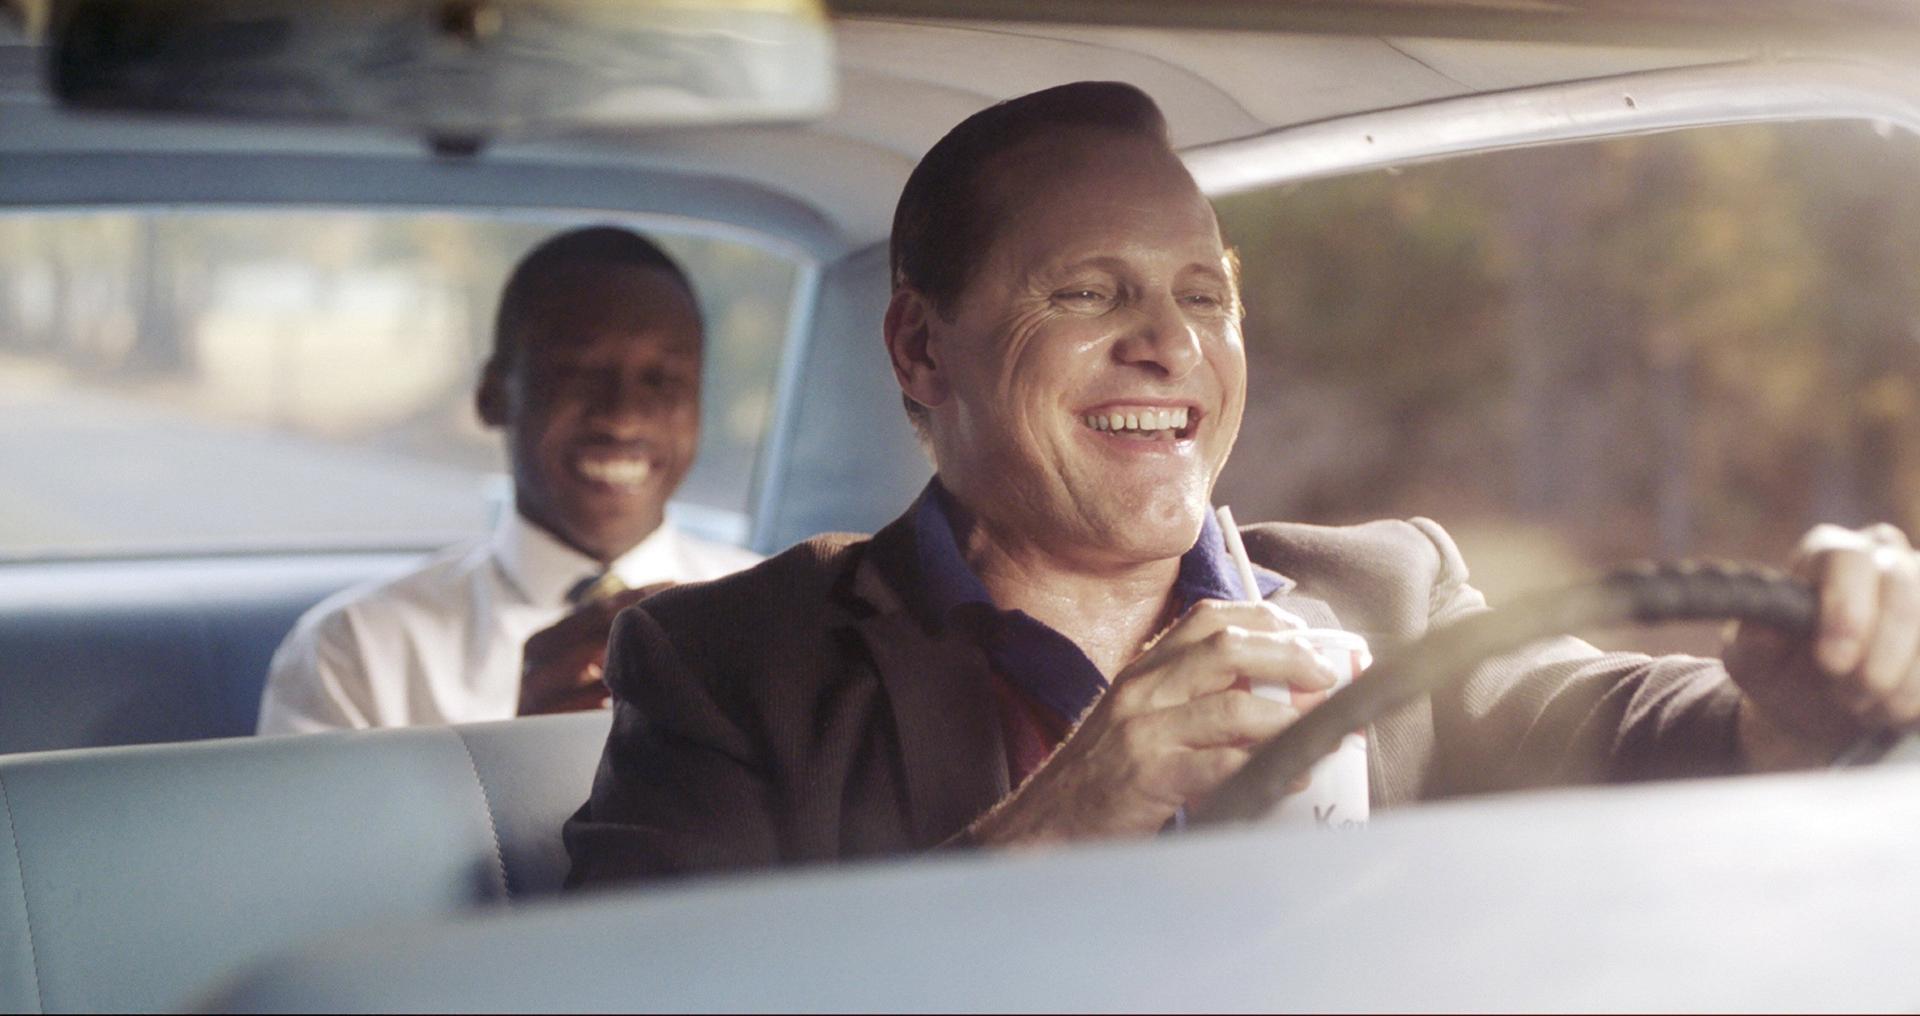 Schauspieler Viggo Mortensen und Mahershala Ali im Auto